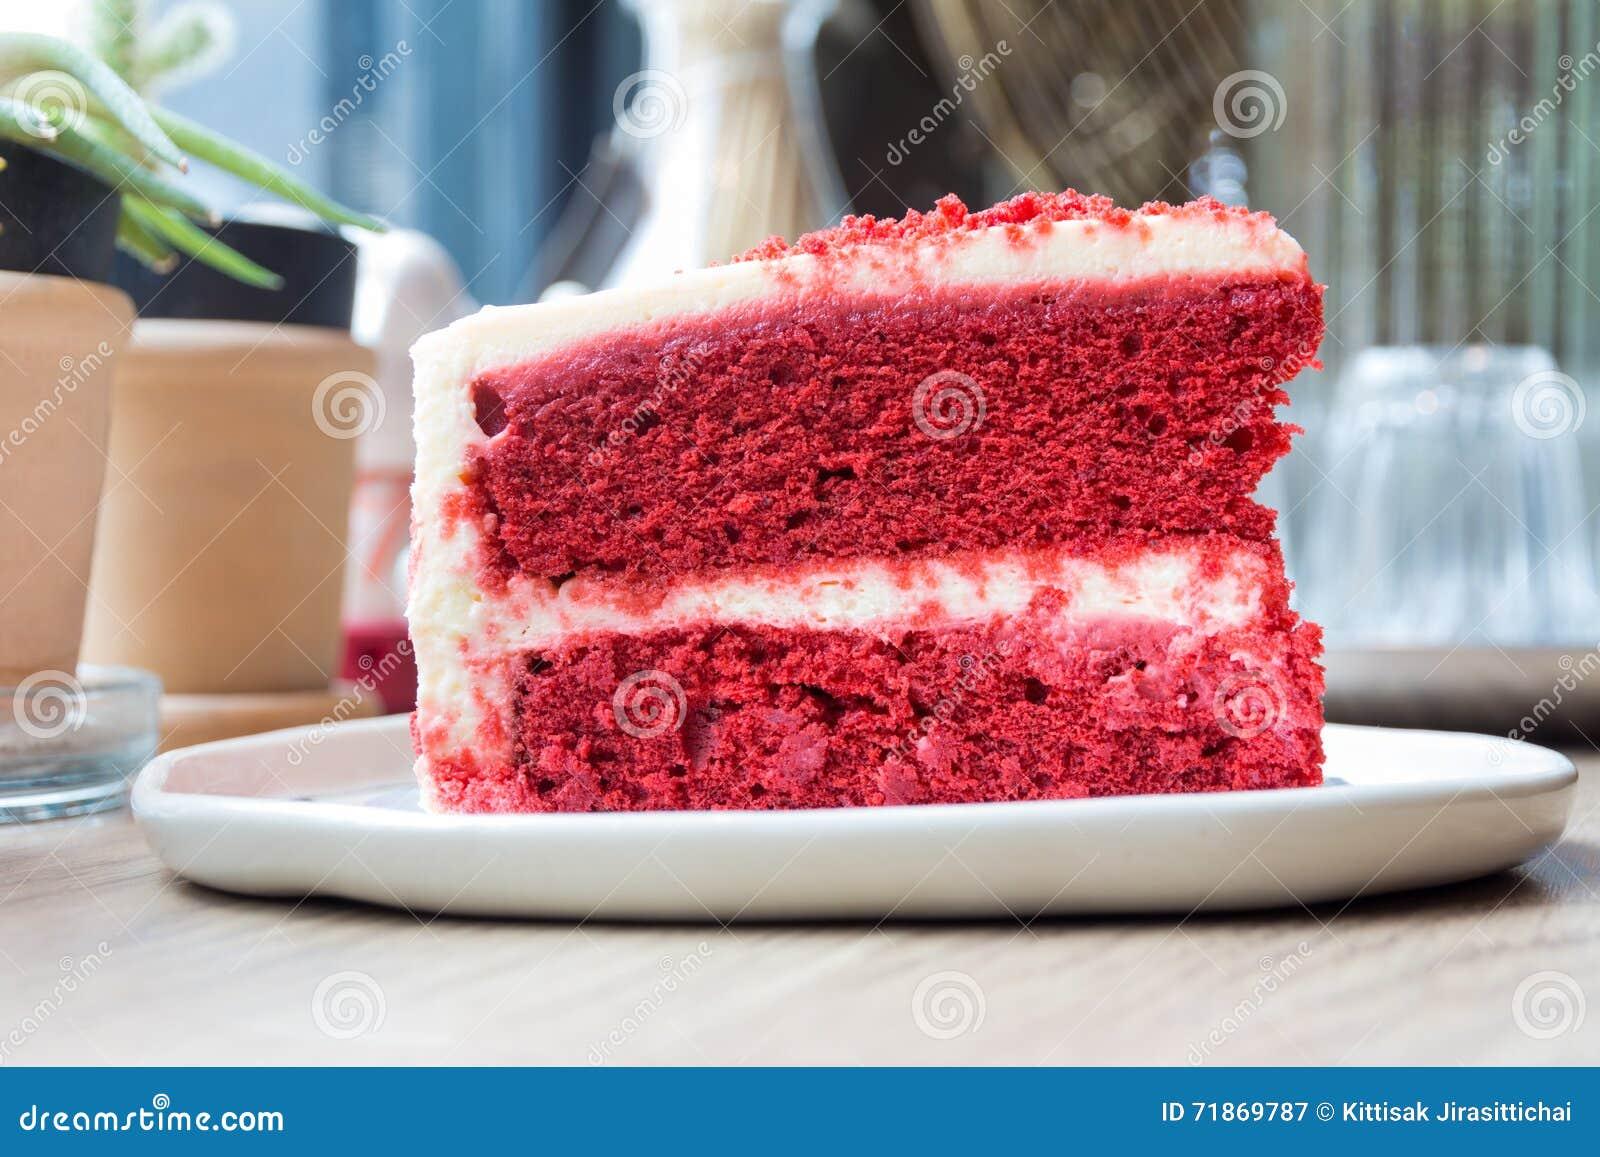 Κόψτε ένα κομμάτι του κόκκινου βελούδου κέικ